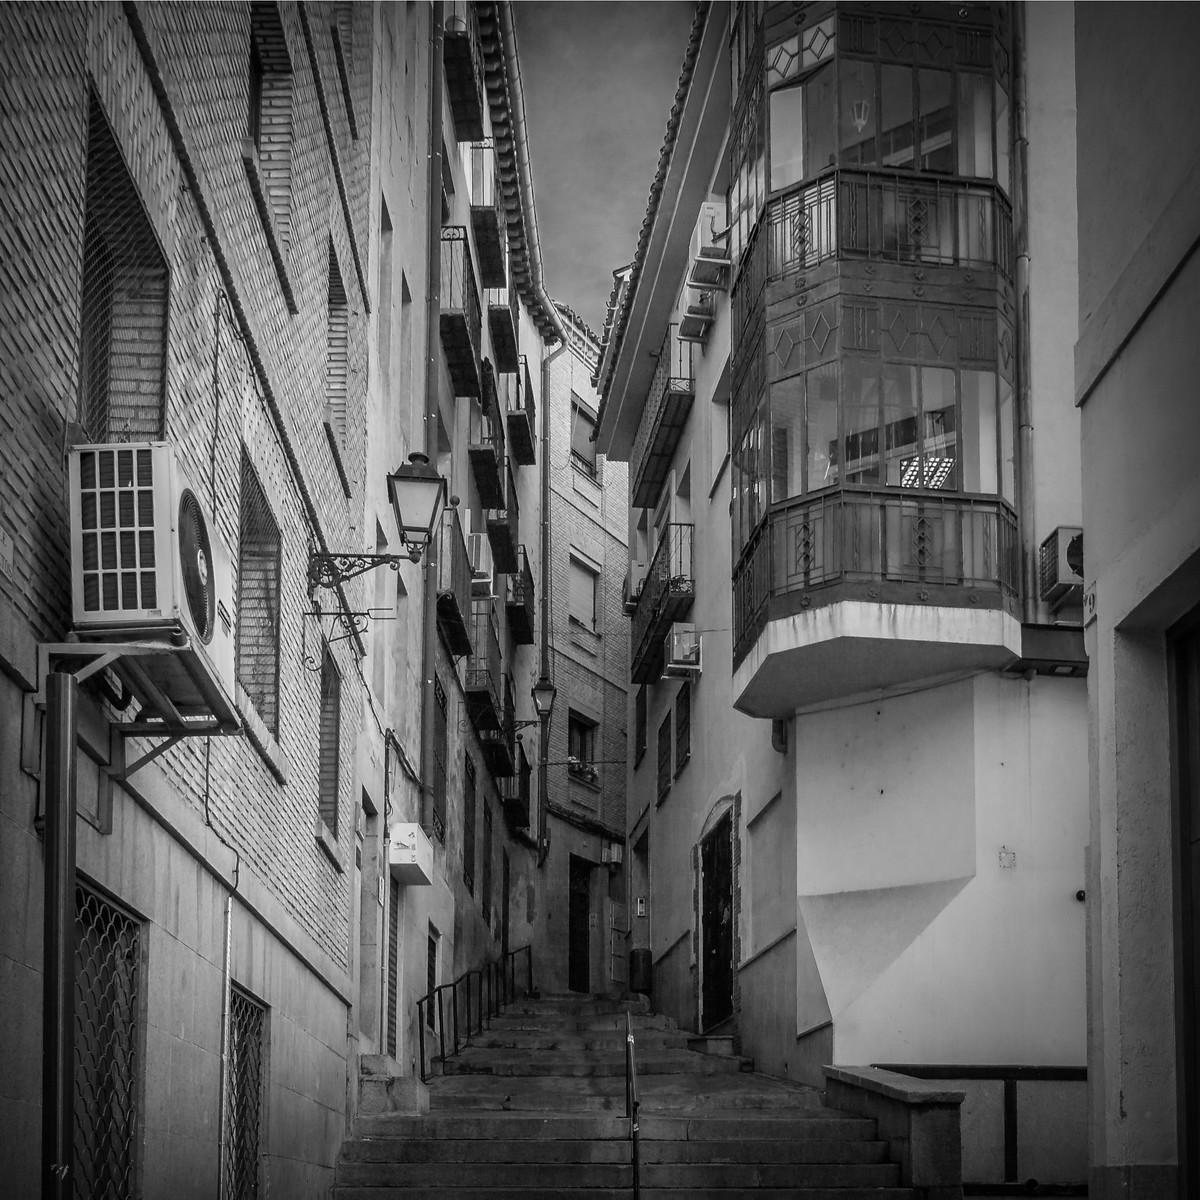 西班牙小镇,那些幽静的小石路_图1-10